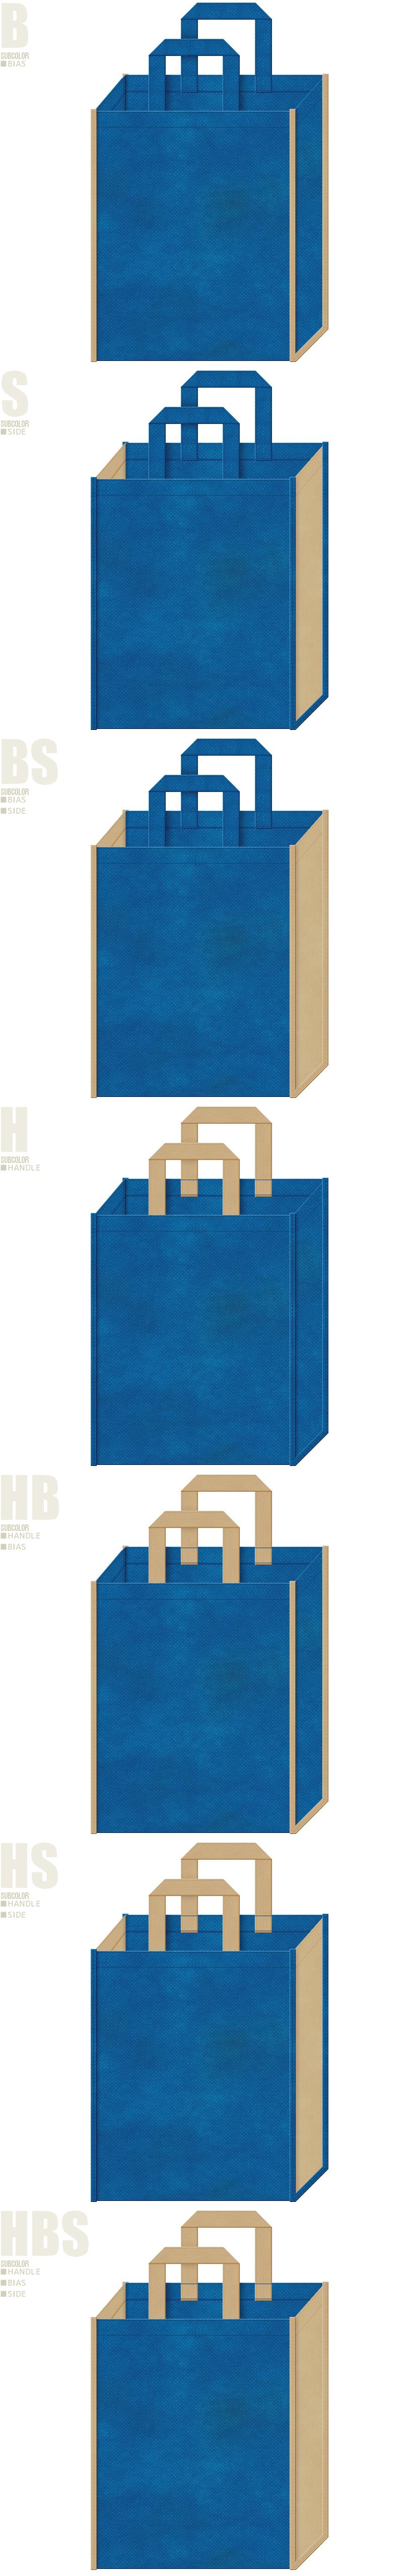 青色とカーキ色-7パターンの不織布トートバッグ配色デザイン例